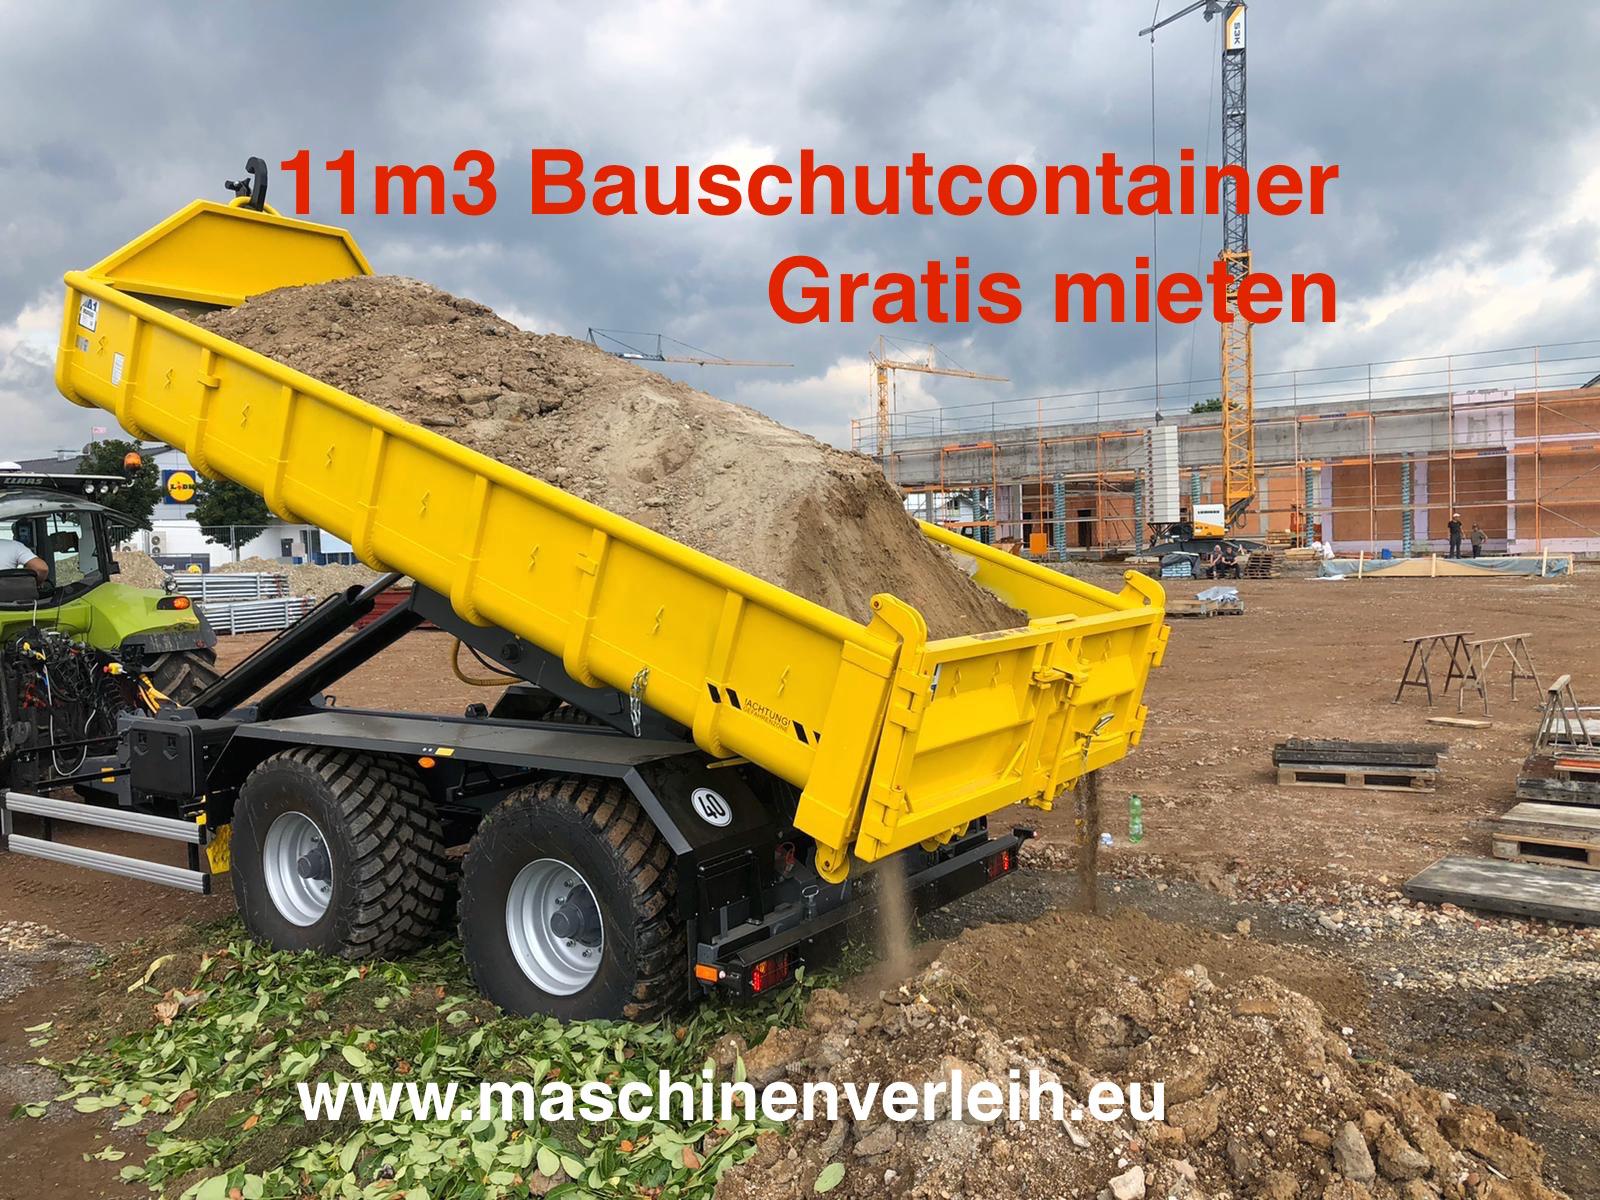 Bauschutmulde Erdbau Schachner